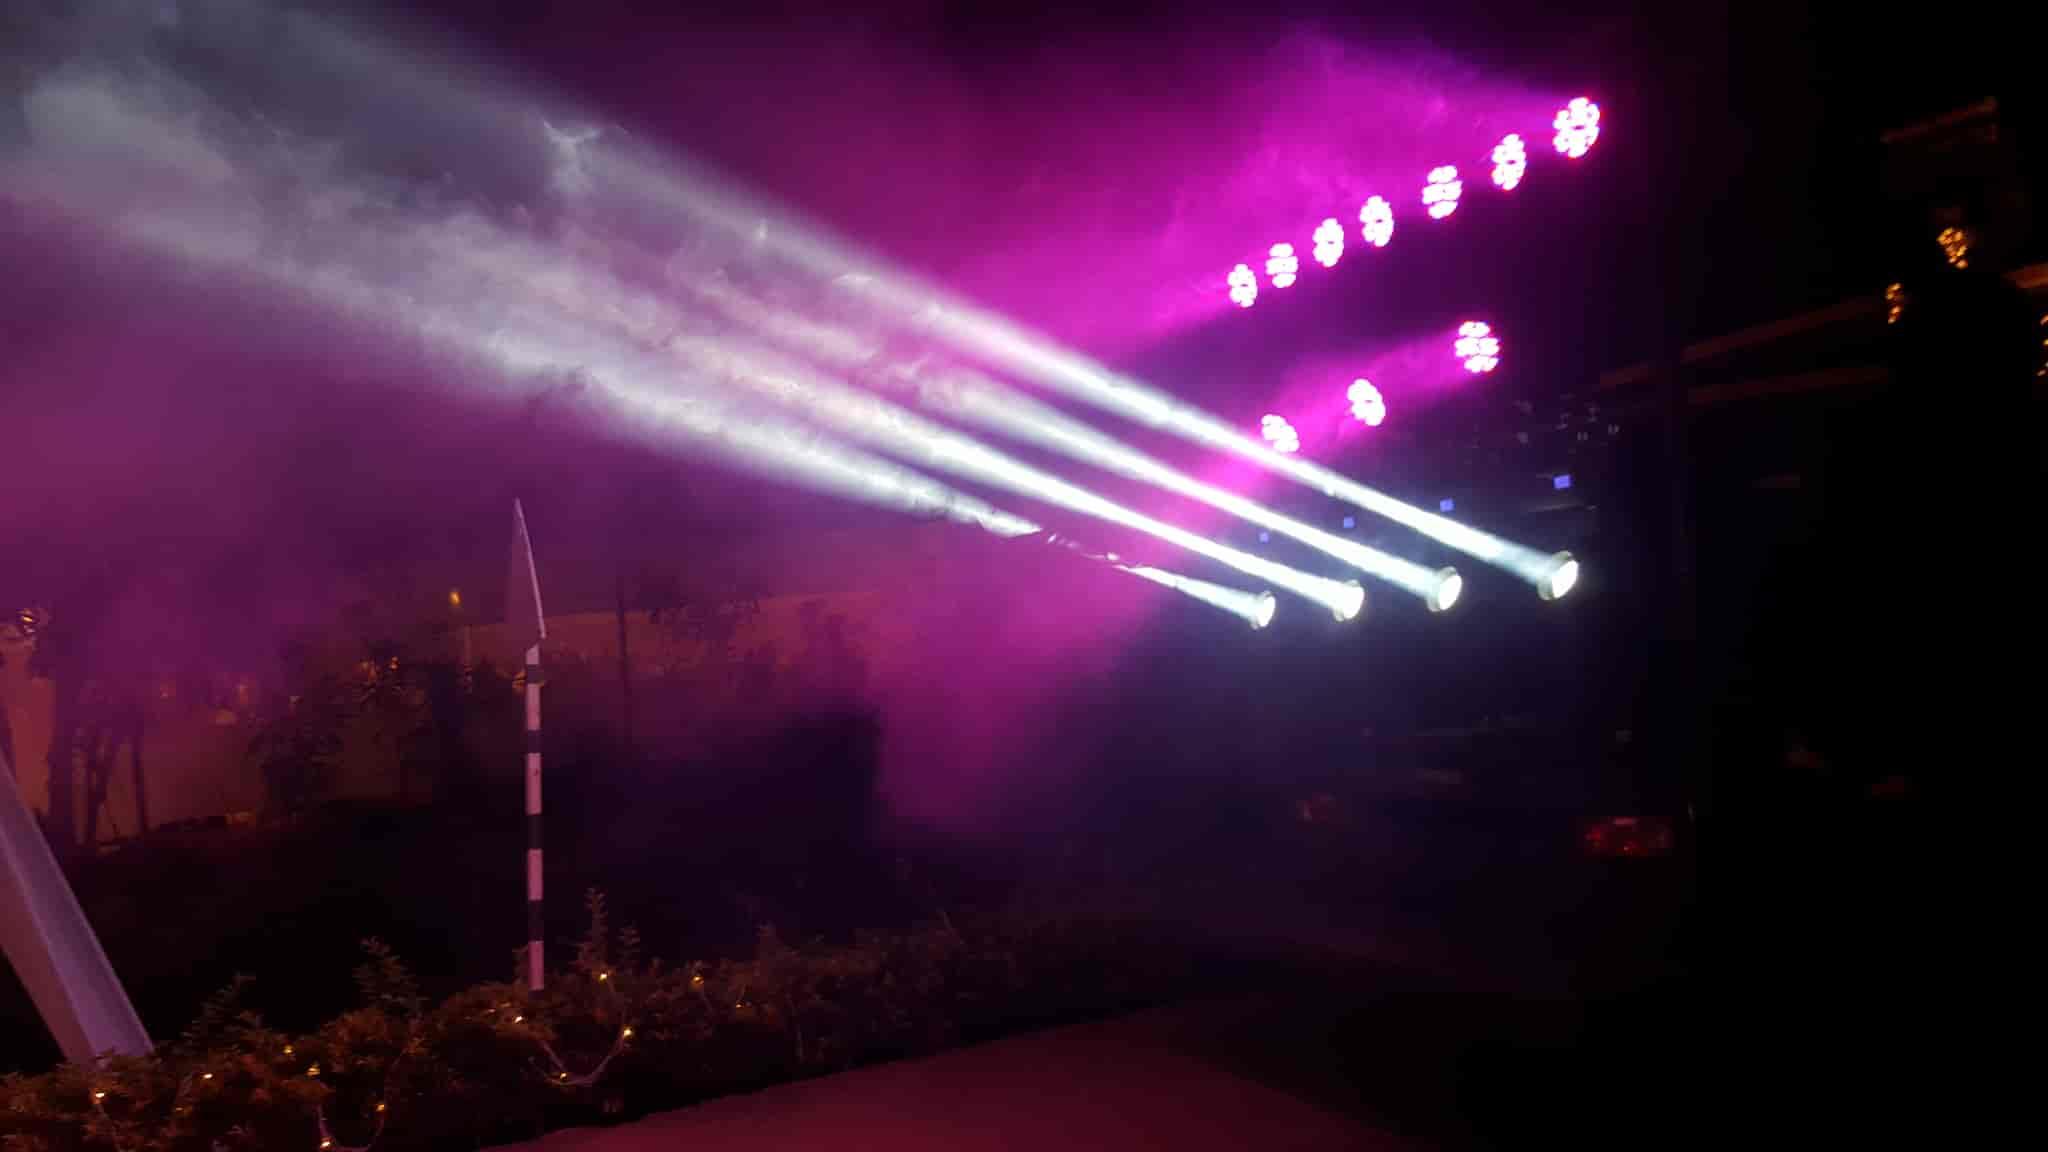 Lighting showroom in bangalore dating